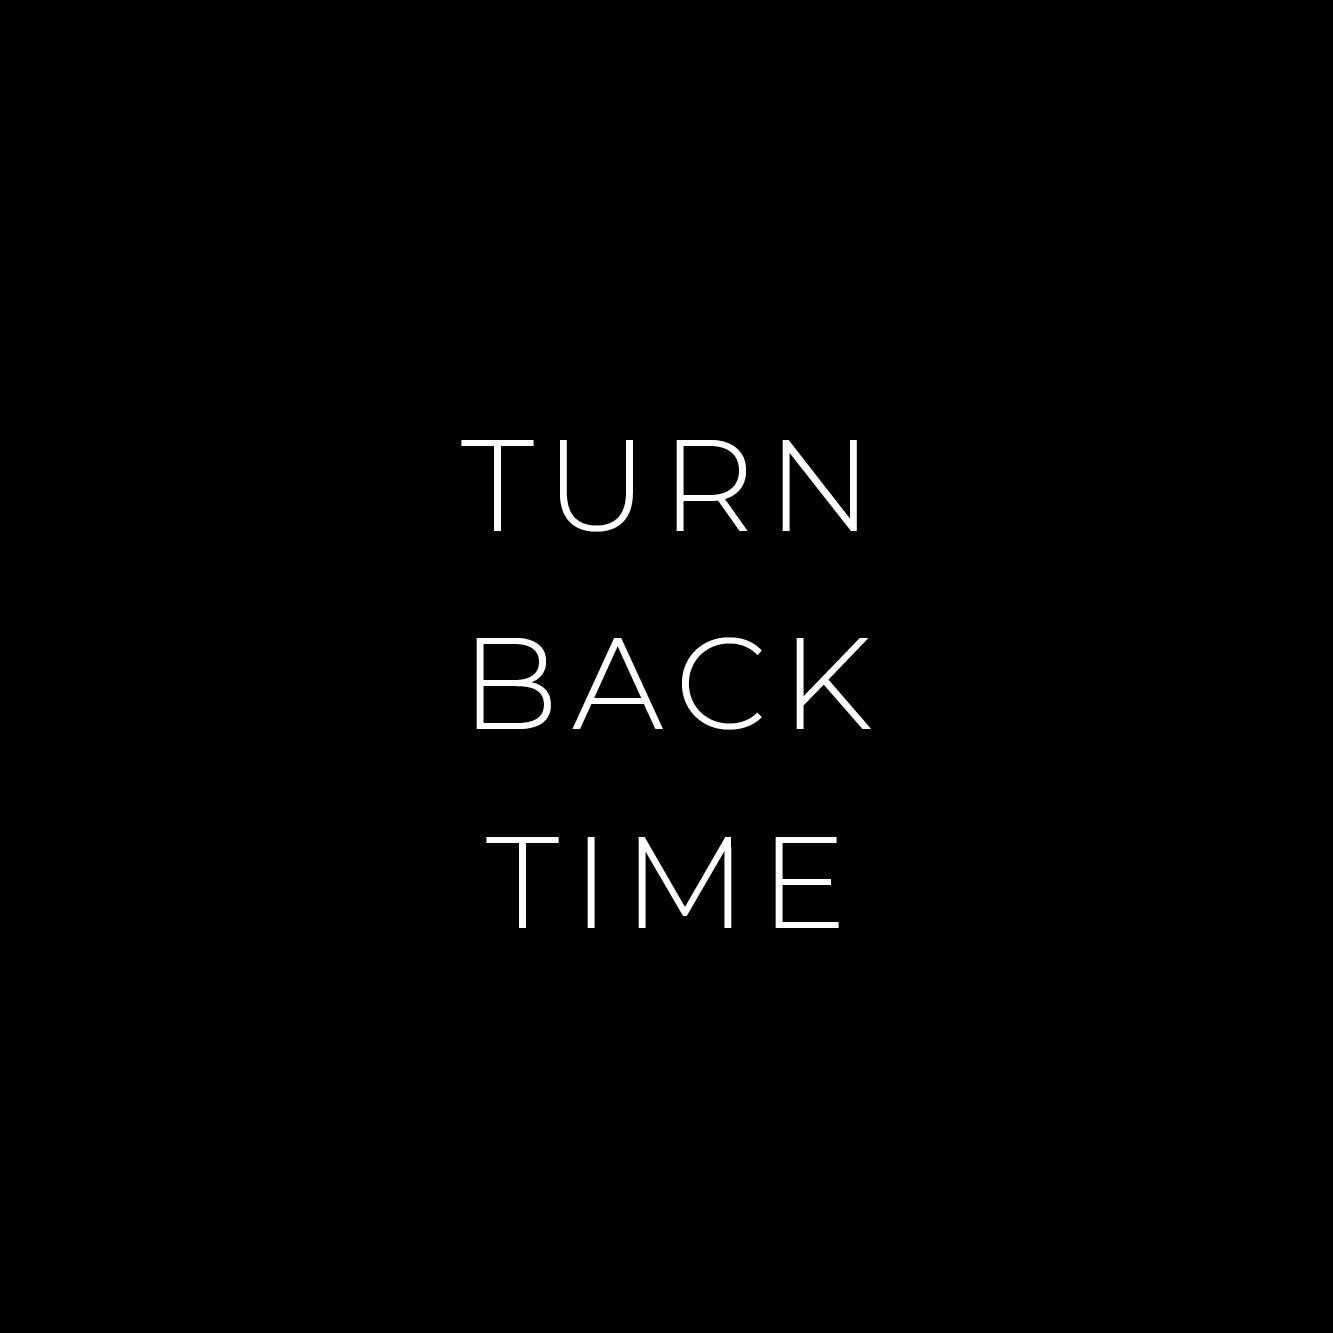 turn-back-time.jpg